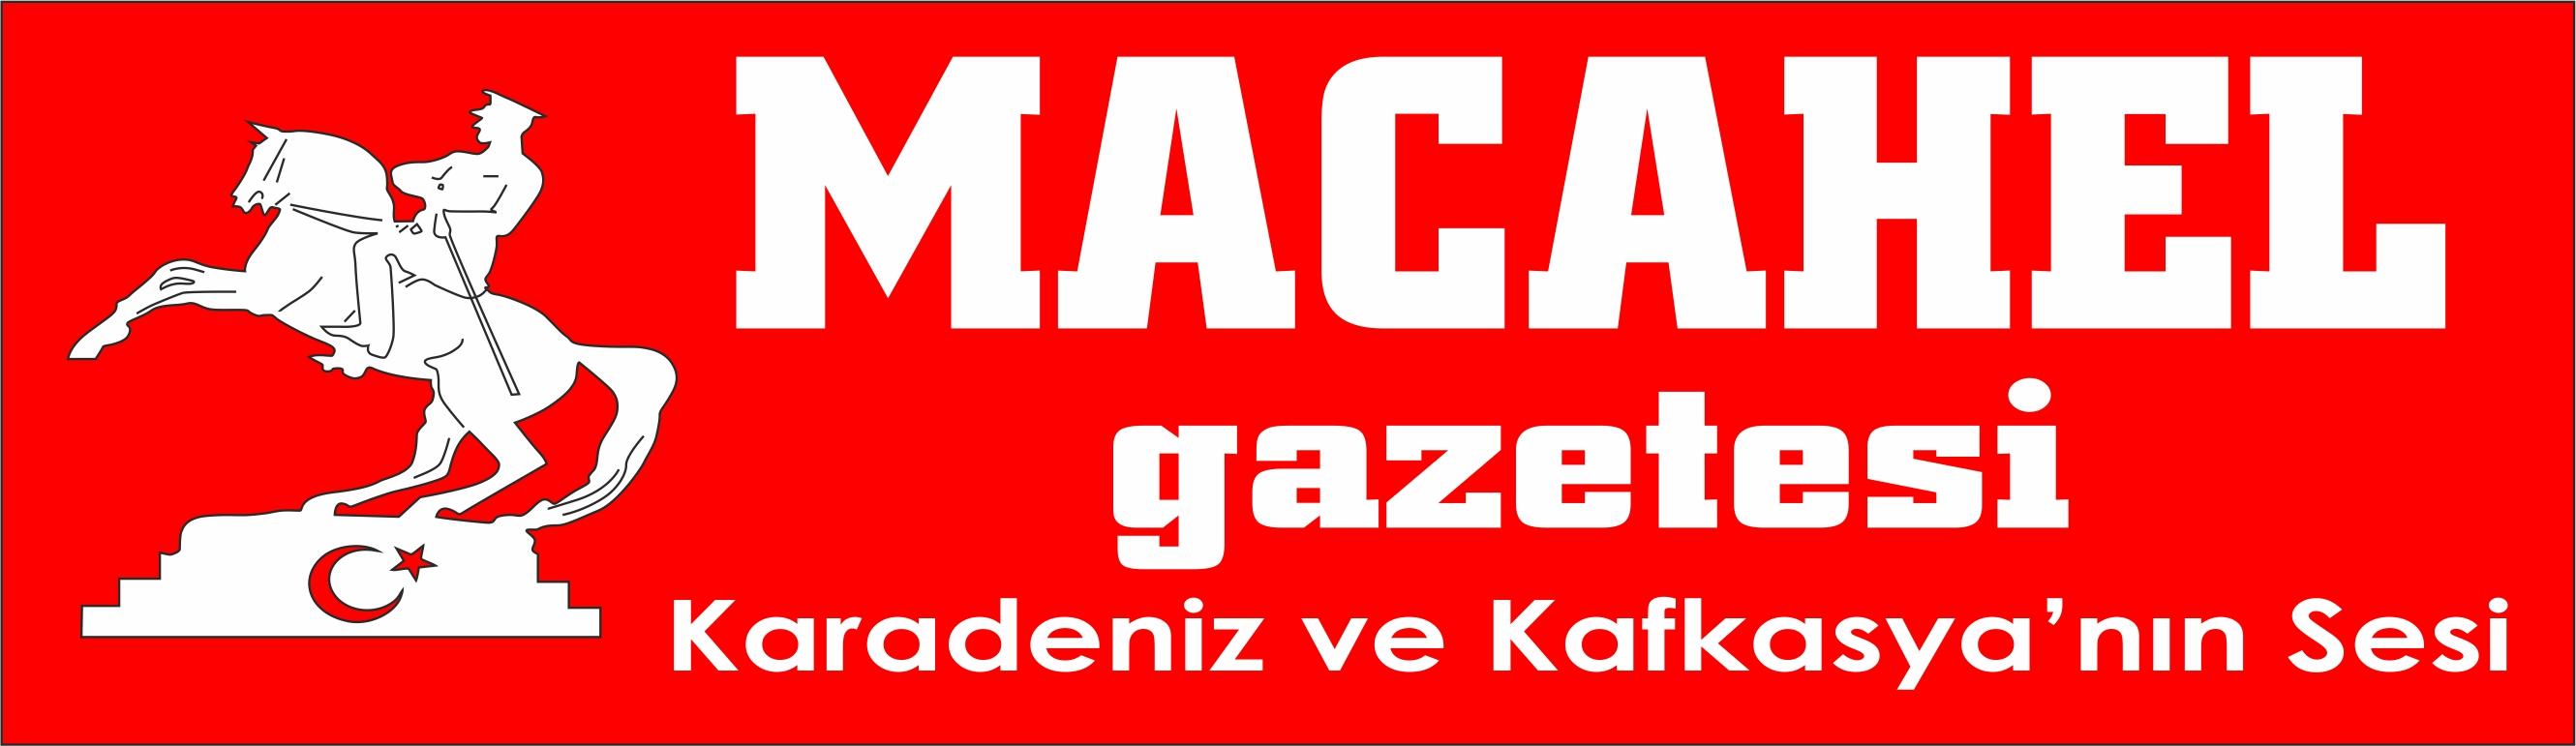 Macahel Gazetesi - Karadeniz ve Kafkas'yanın Sesi